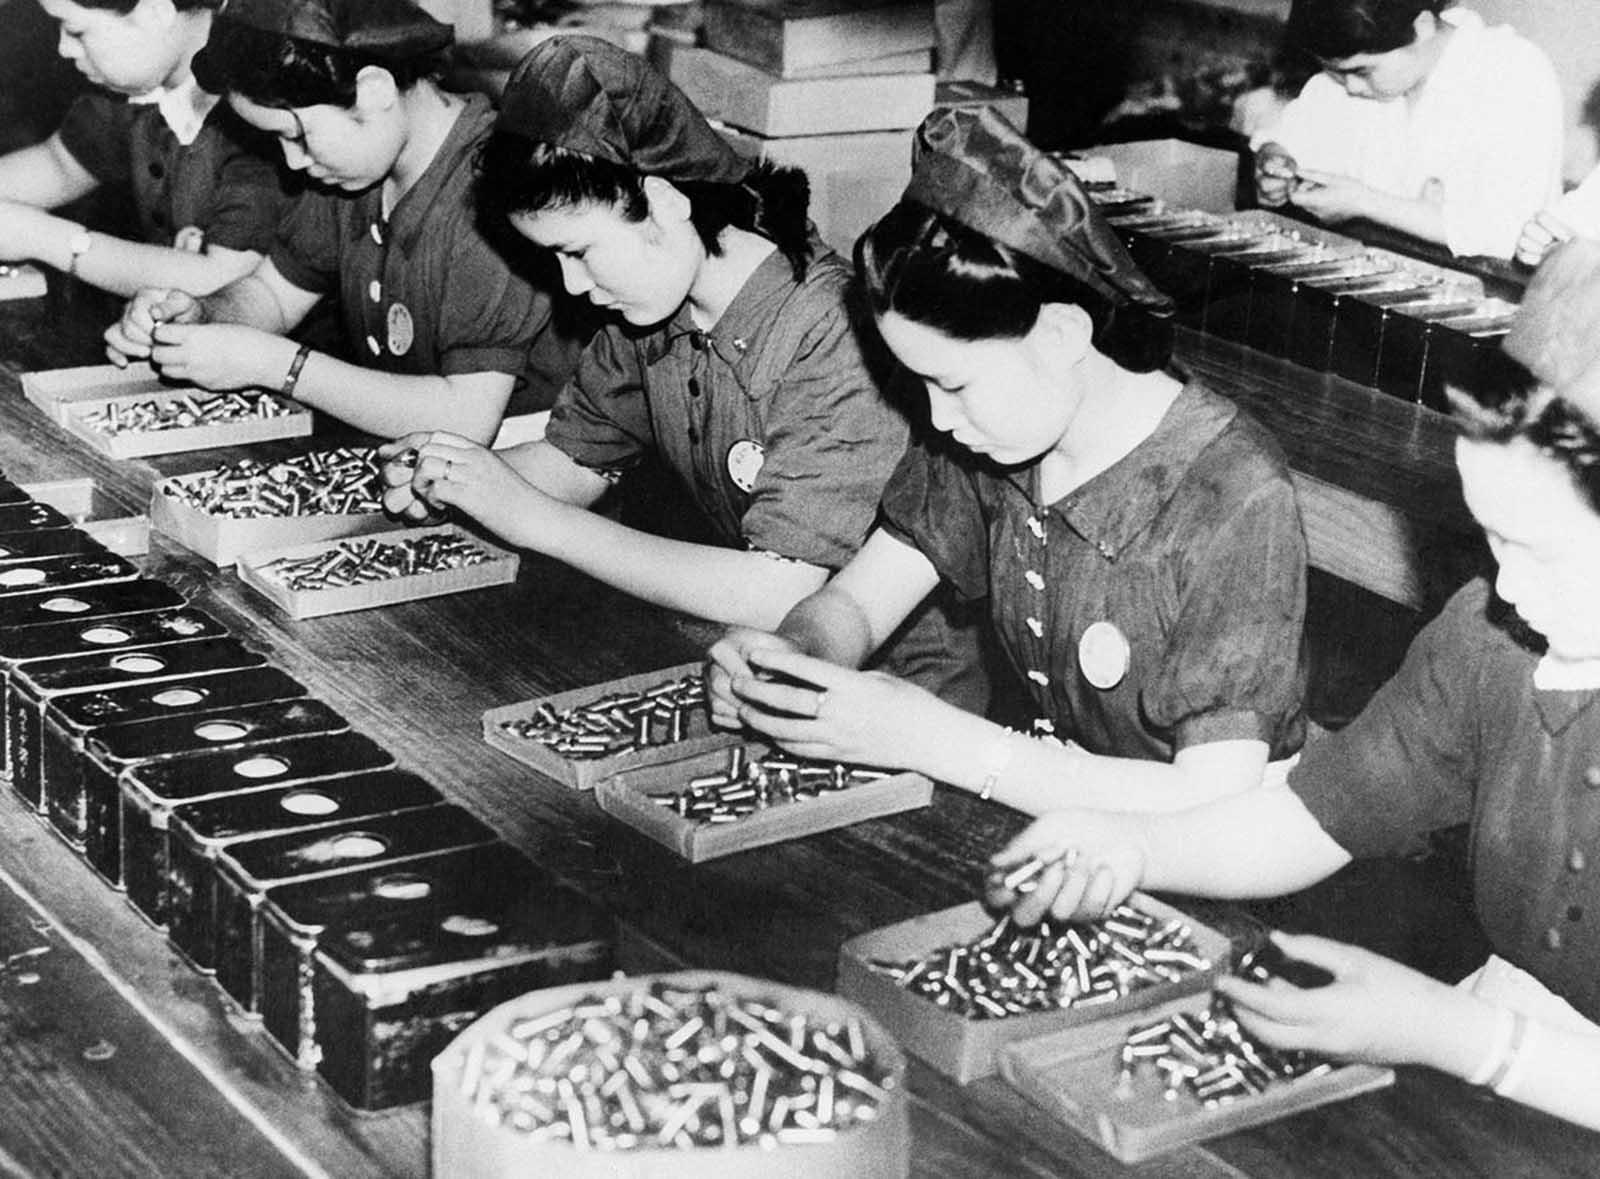 30 септември 1941 г.: Жените в японска фабрика проверяват празните гилзи за вероятни дефекти